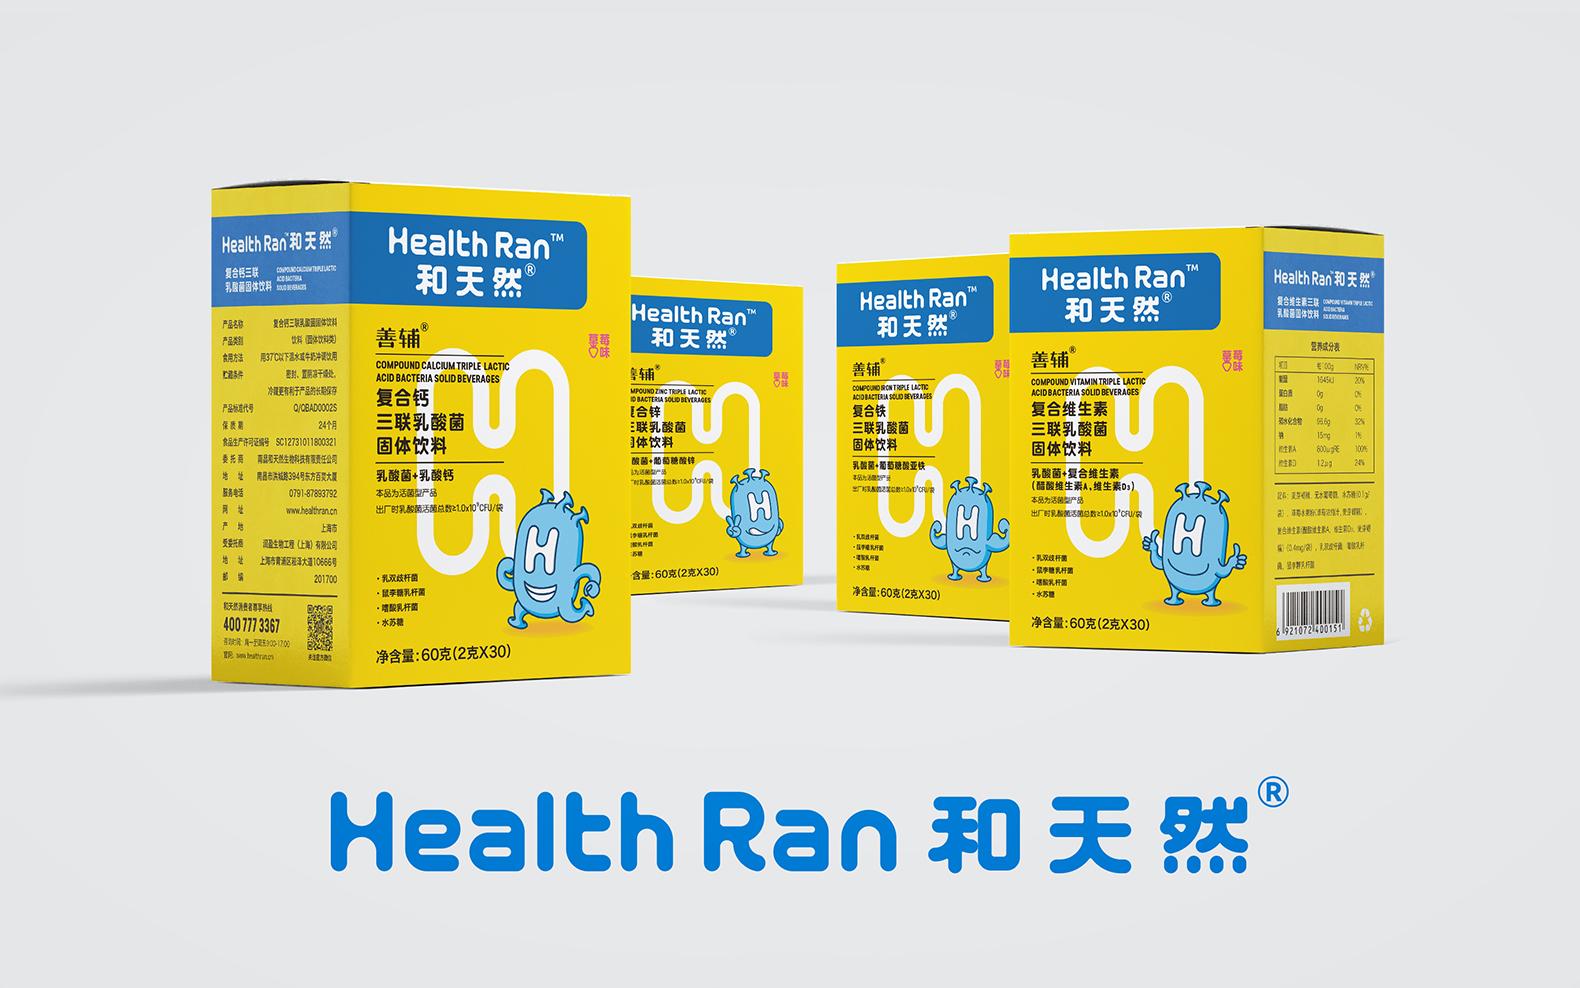 healthran_01